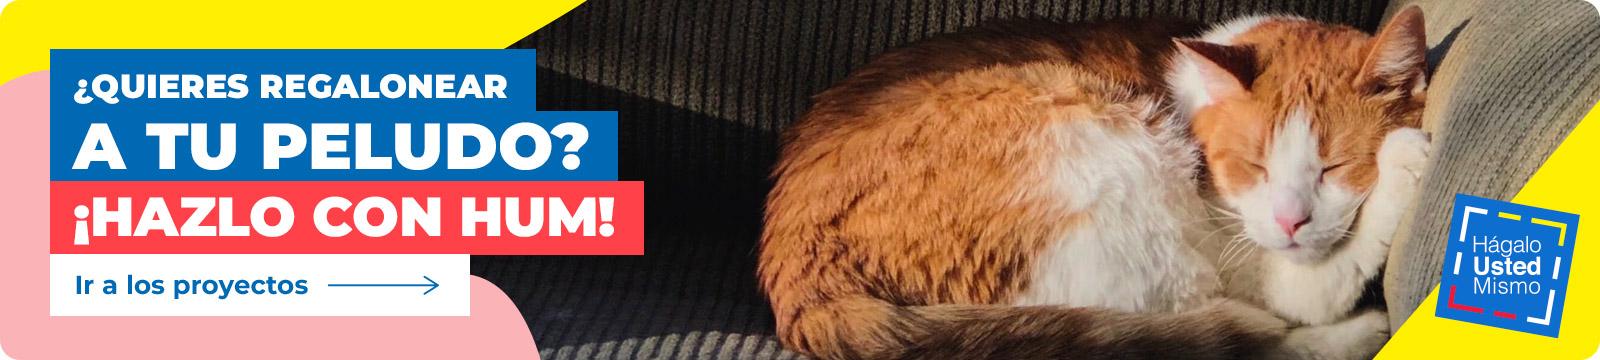 Gato naranjo con blanco recostado durmiendo en un sofá